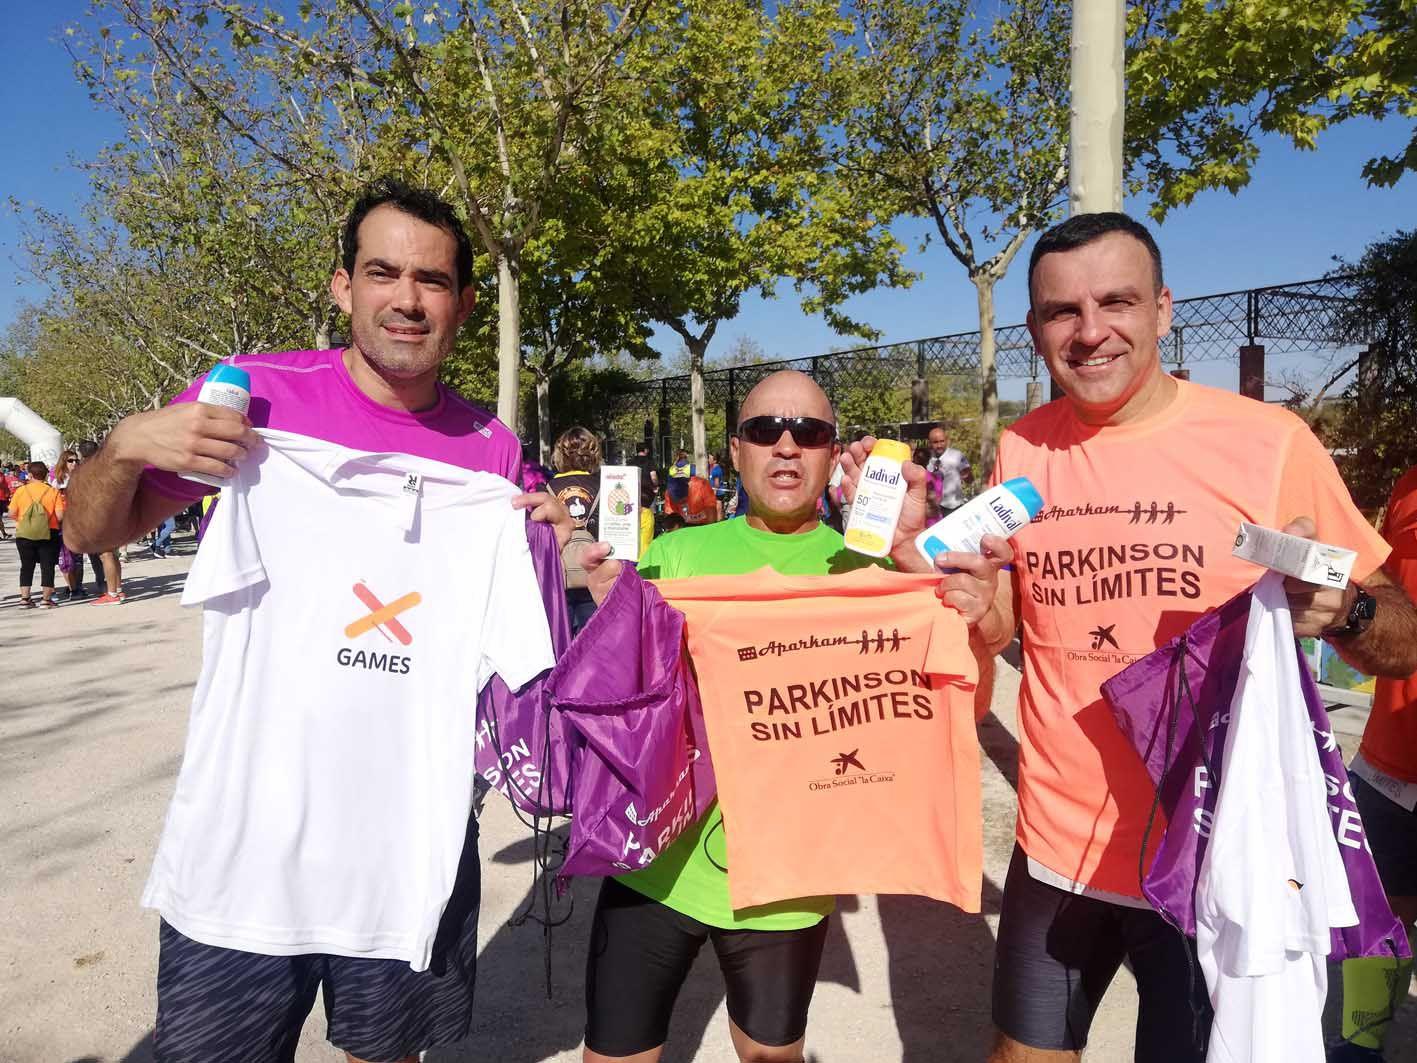 Nuevo éxito de corredores  y solidaridad en la Carrera Párkinson Sin Límites